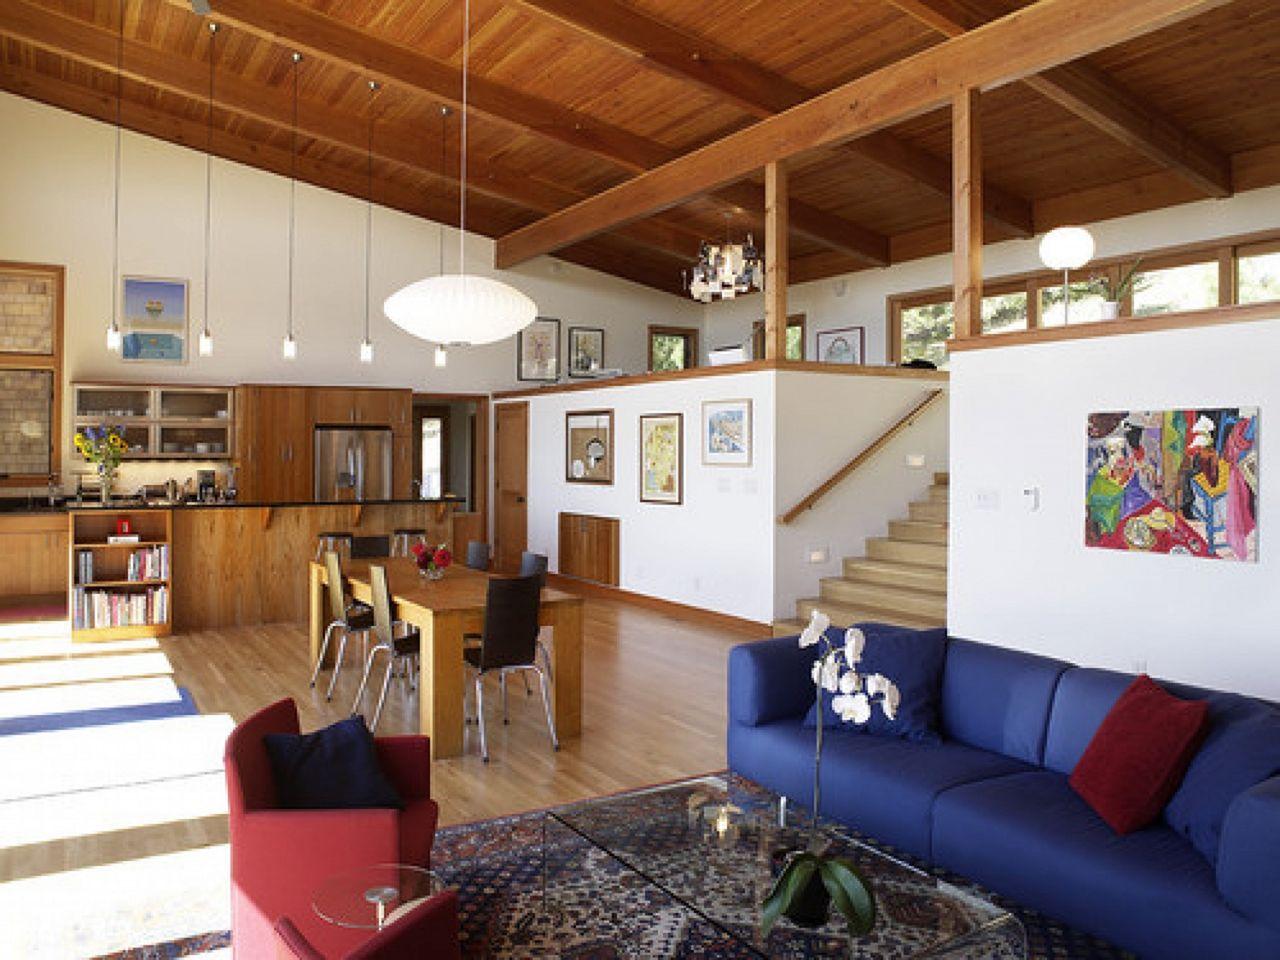 Design for split level open living room design for split for Split living room ideas